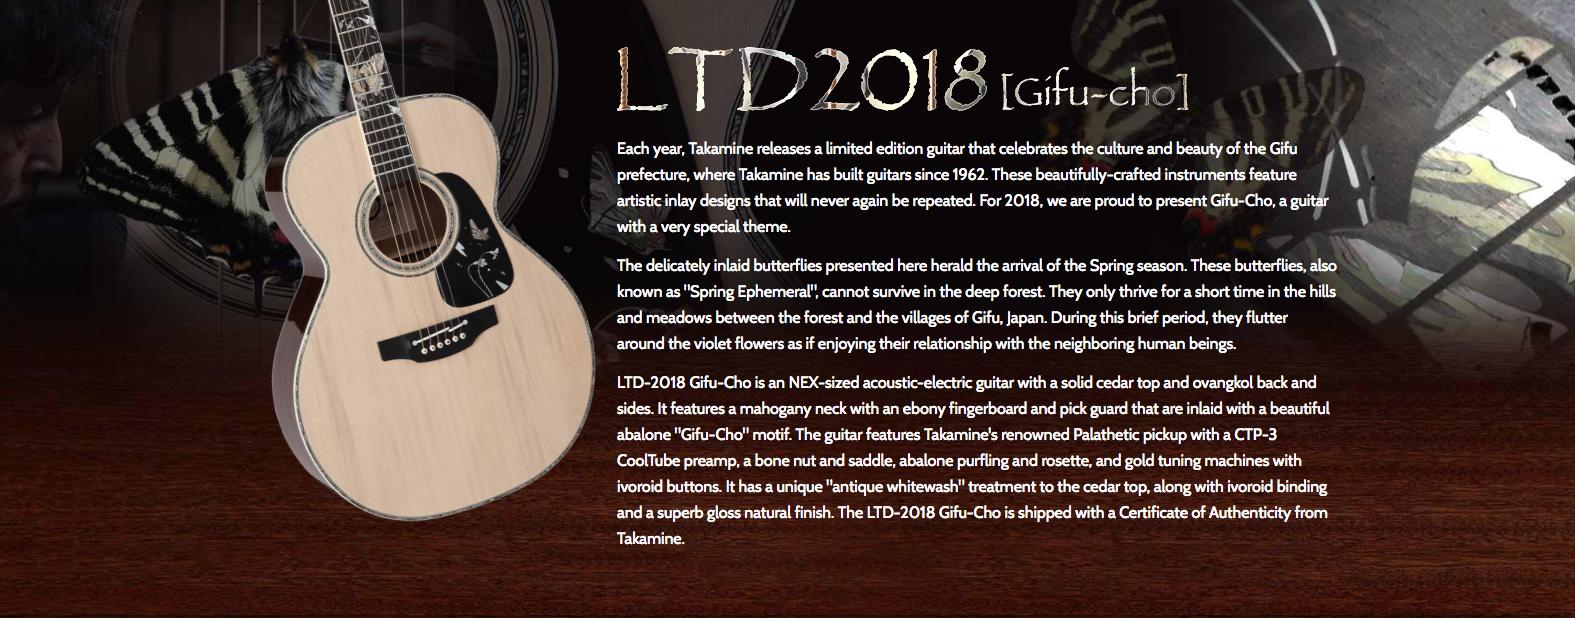 Takamine LTD 2018 Gifu-cho